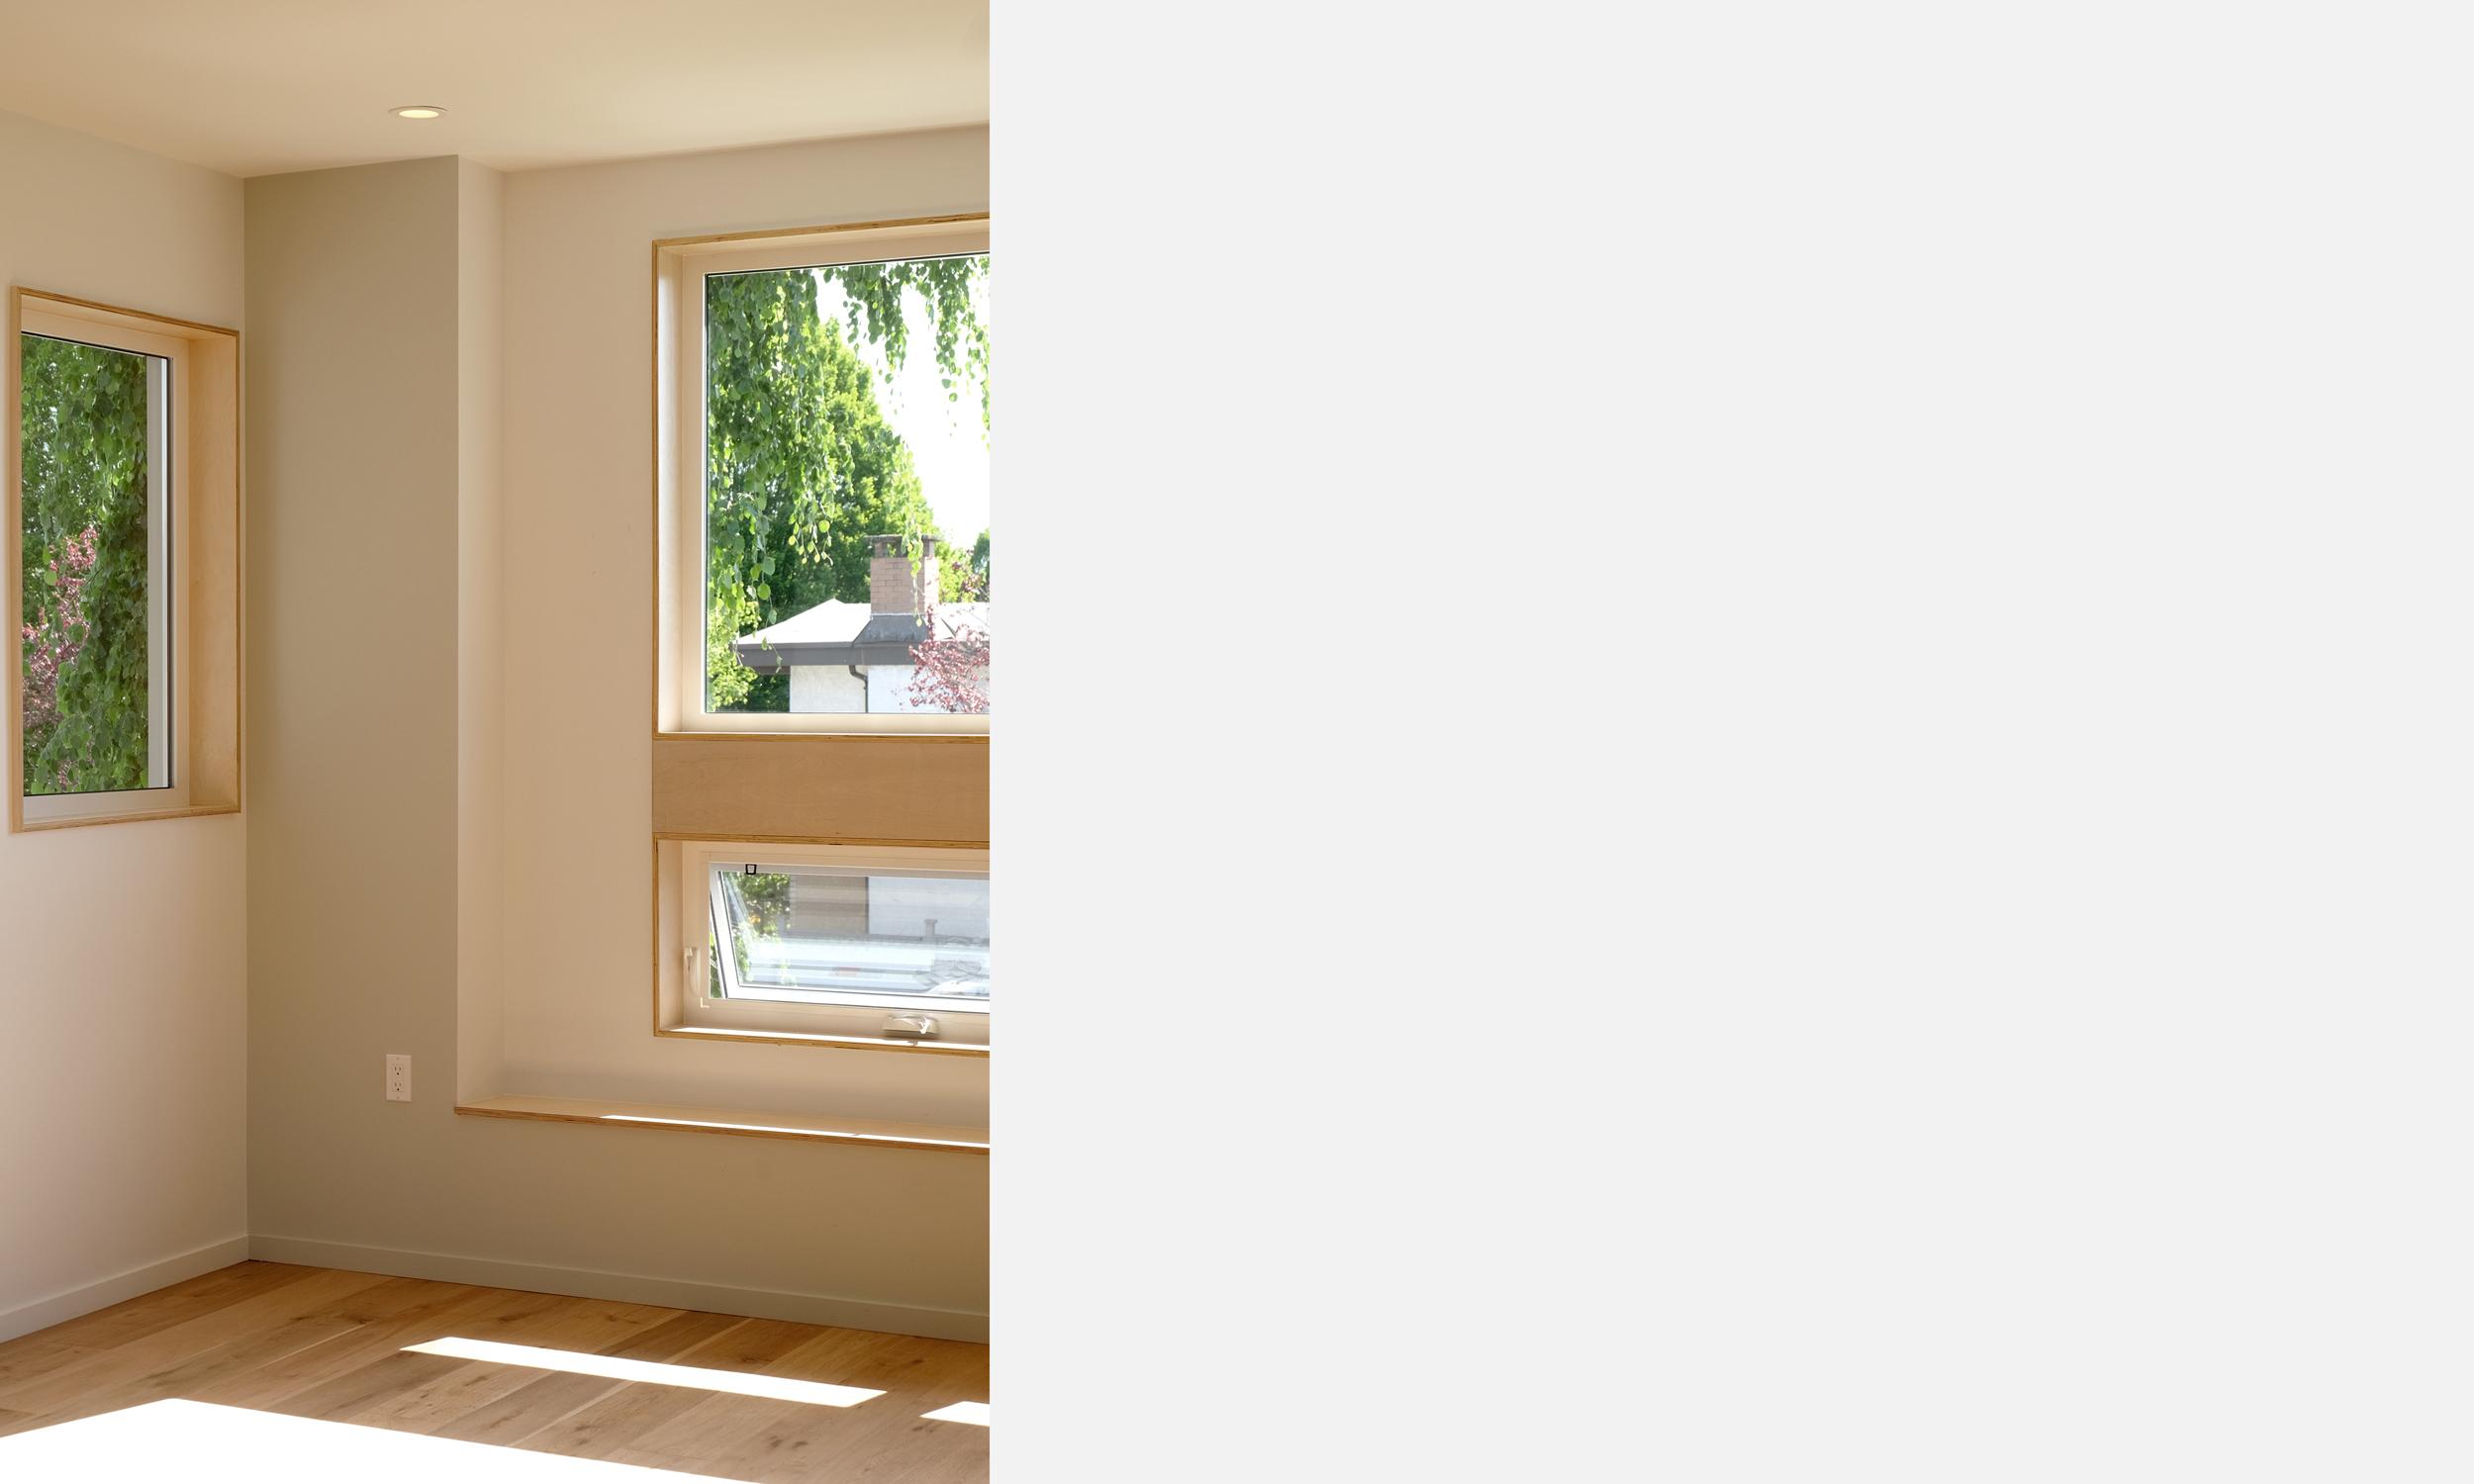 FSOARK Windermere Living-1 2500x1500.jpg